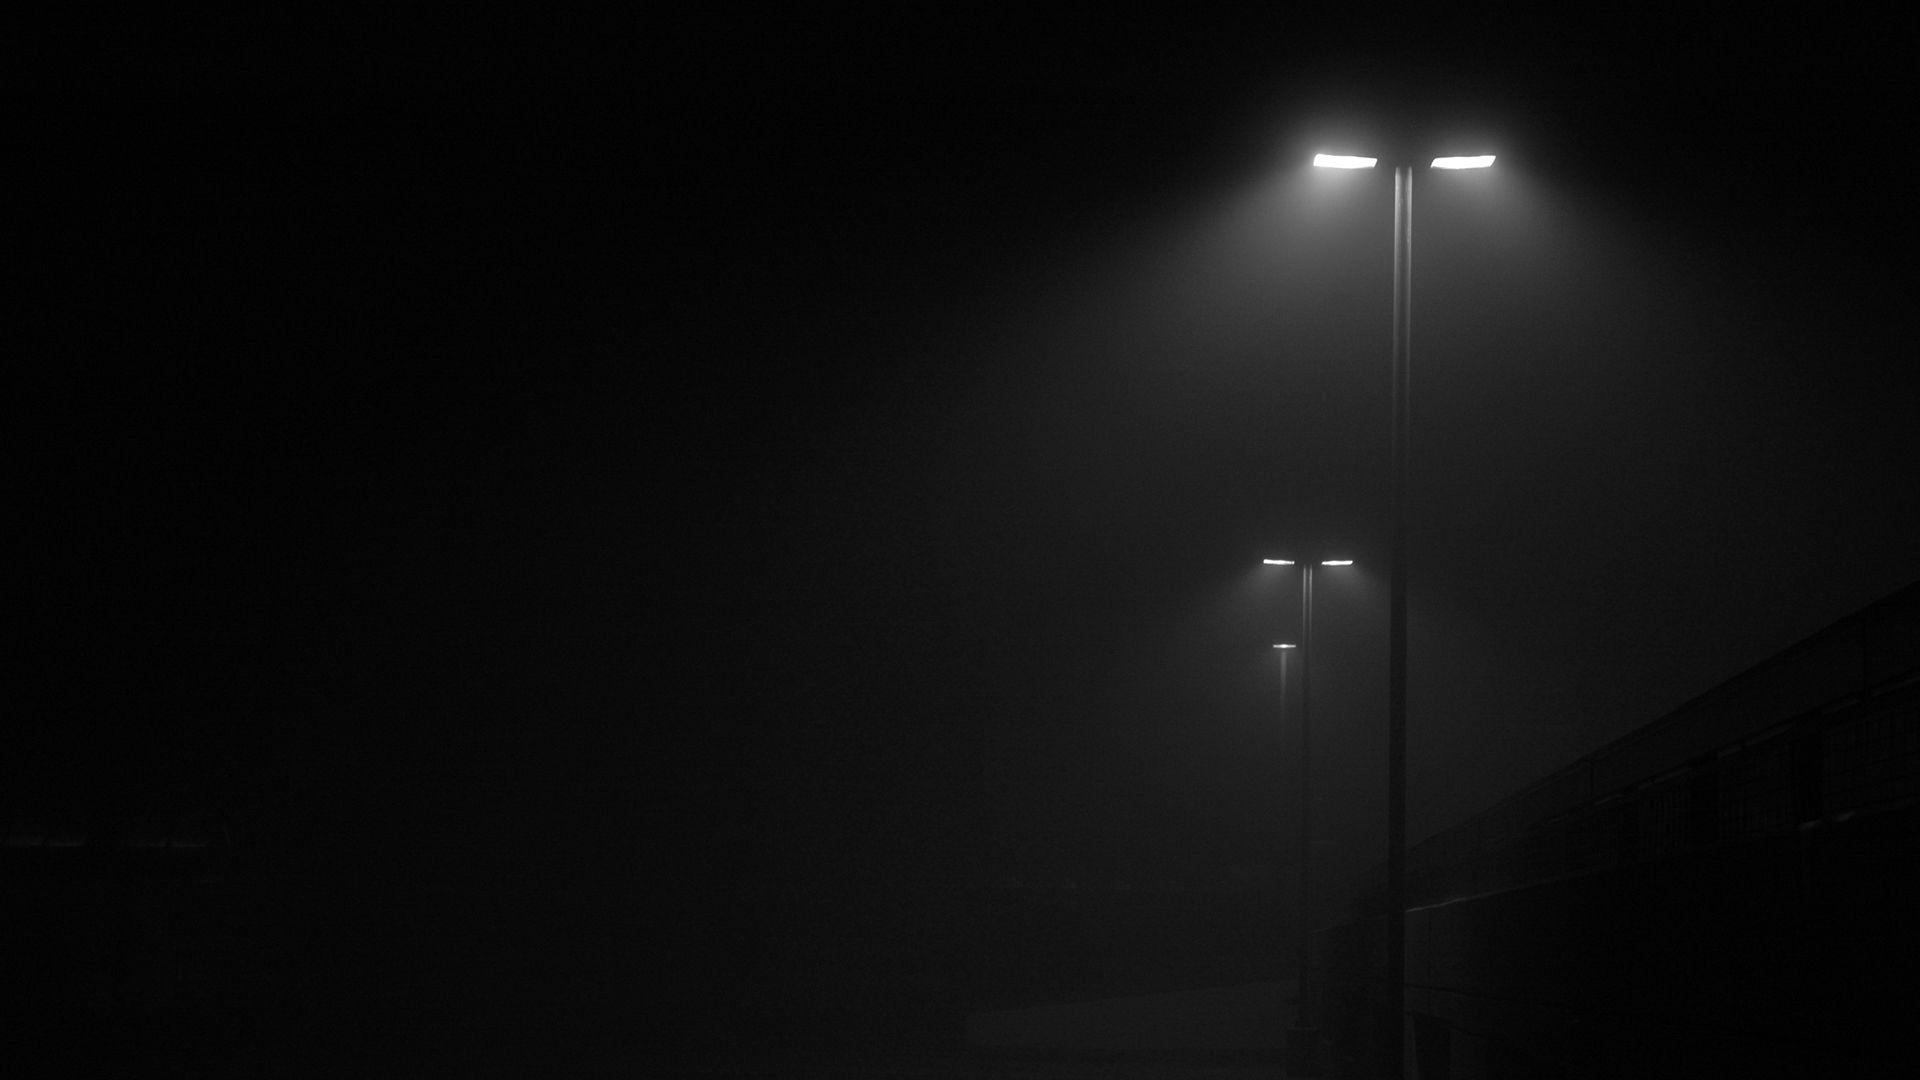 Hình nền tối full hd